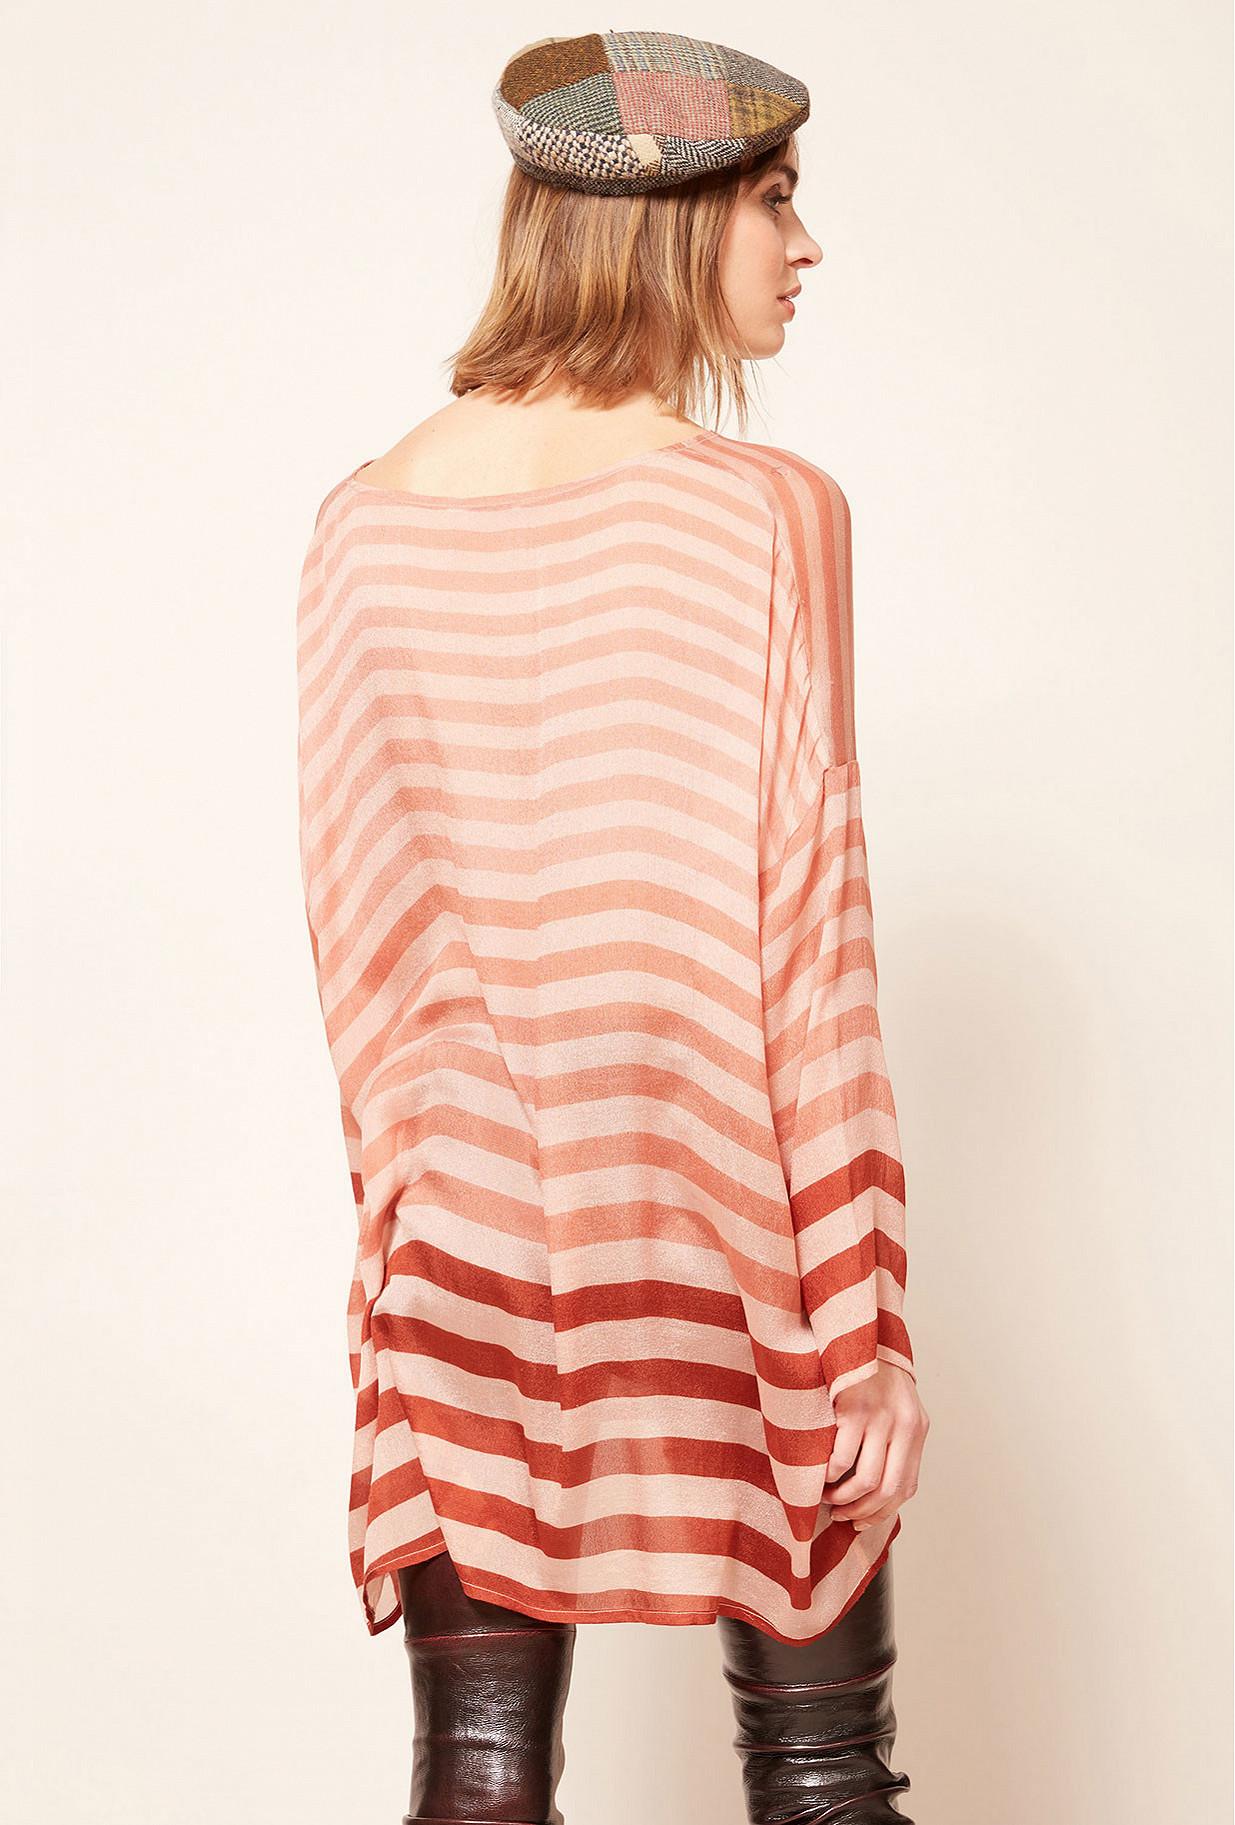 Nude  Blouse  Sunrise Mes demoiselles fashion clothes designer Paris